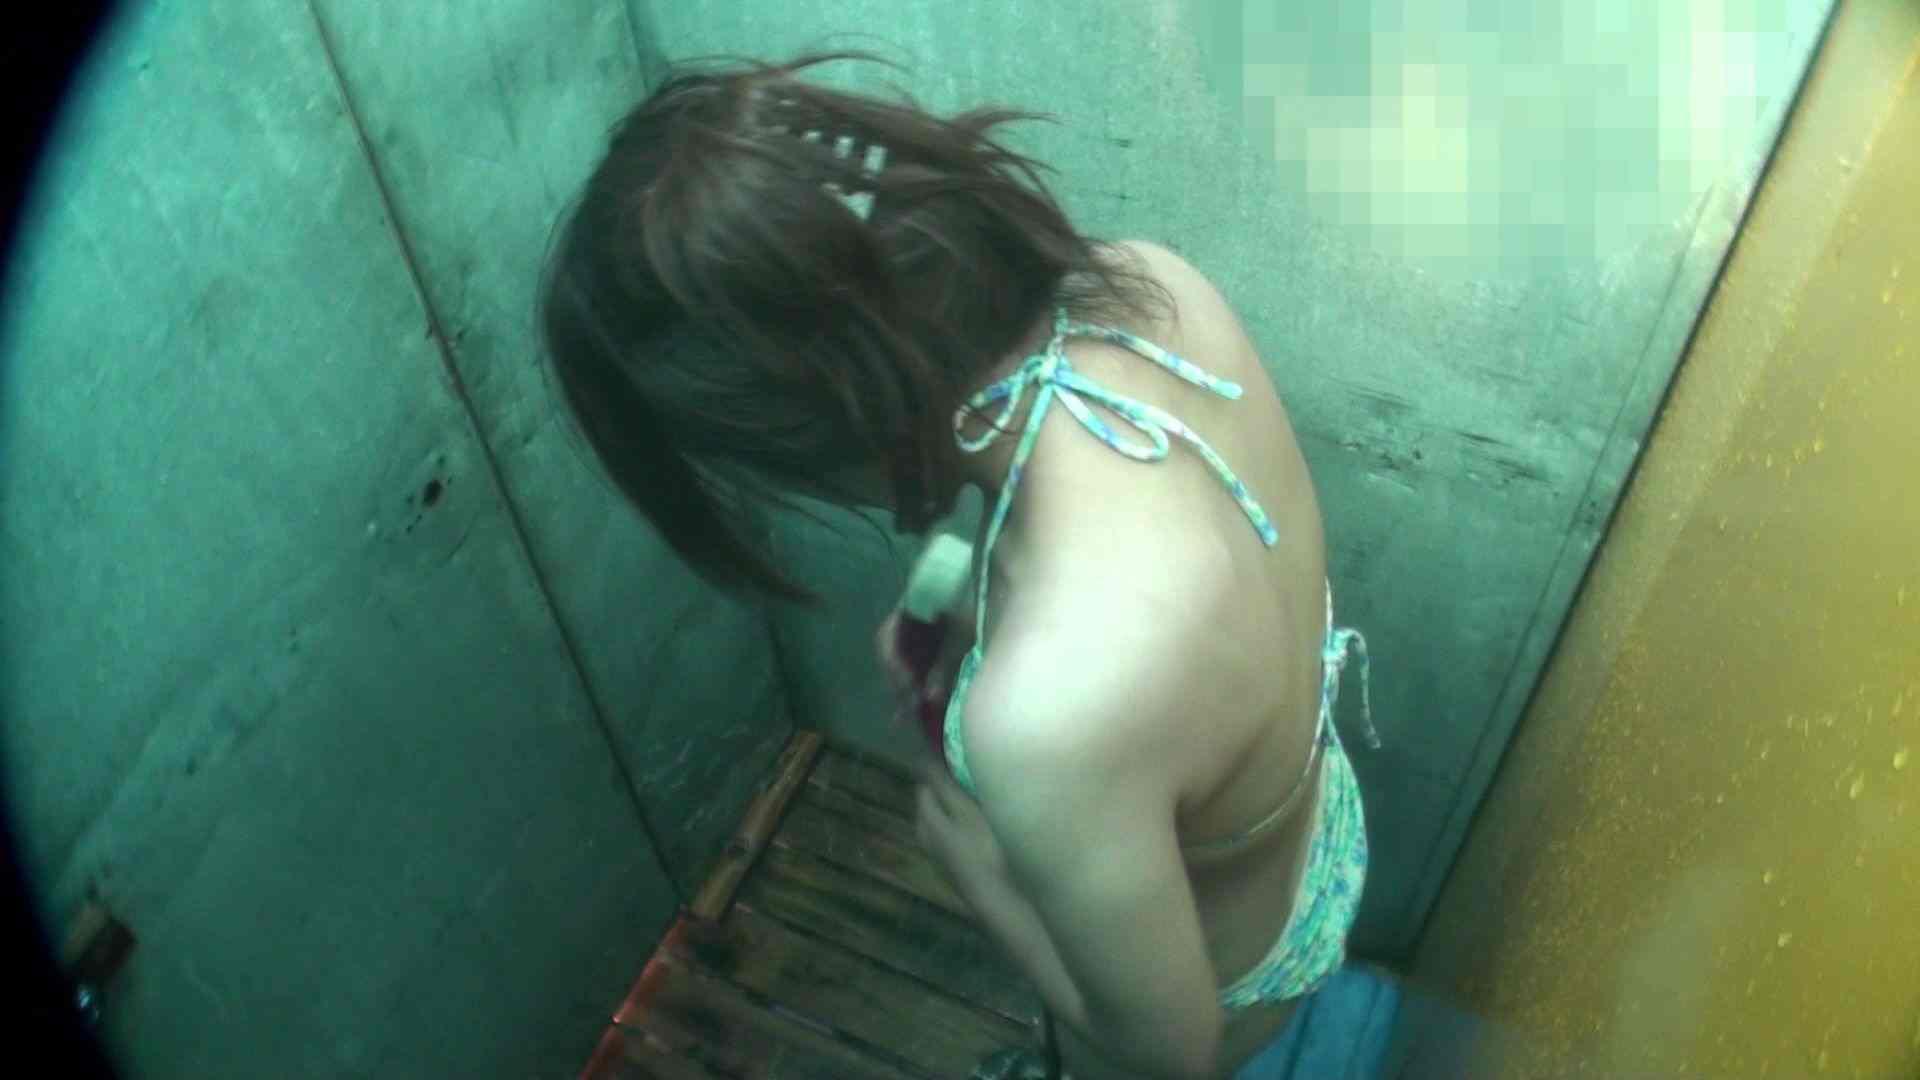 シャワールームは超!!危険な香りVol.15 残念ですが乳首未確認 マンコの砂は入念に シャワー 盗撮動画紹介 48連発 4